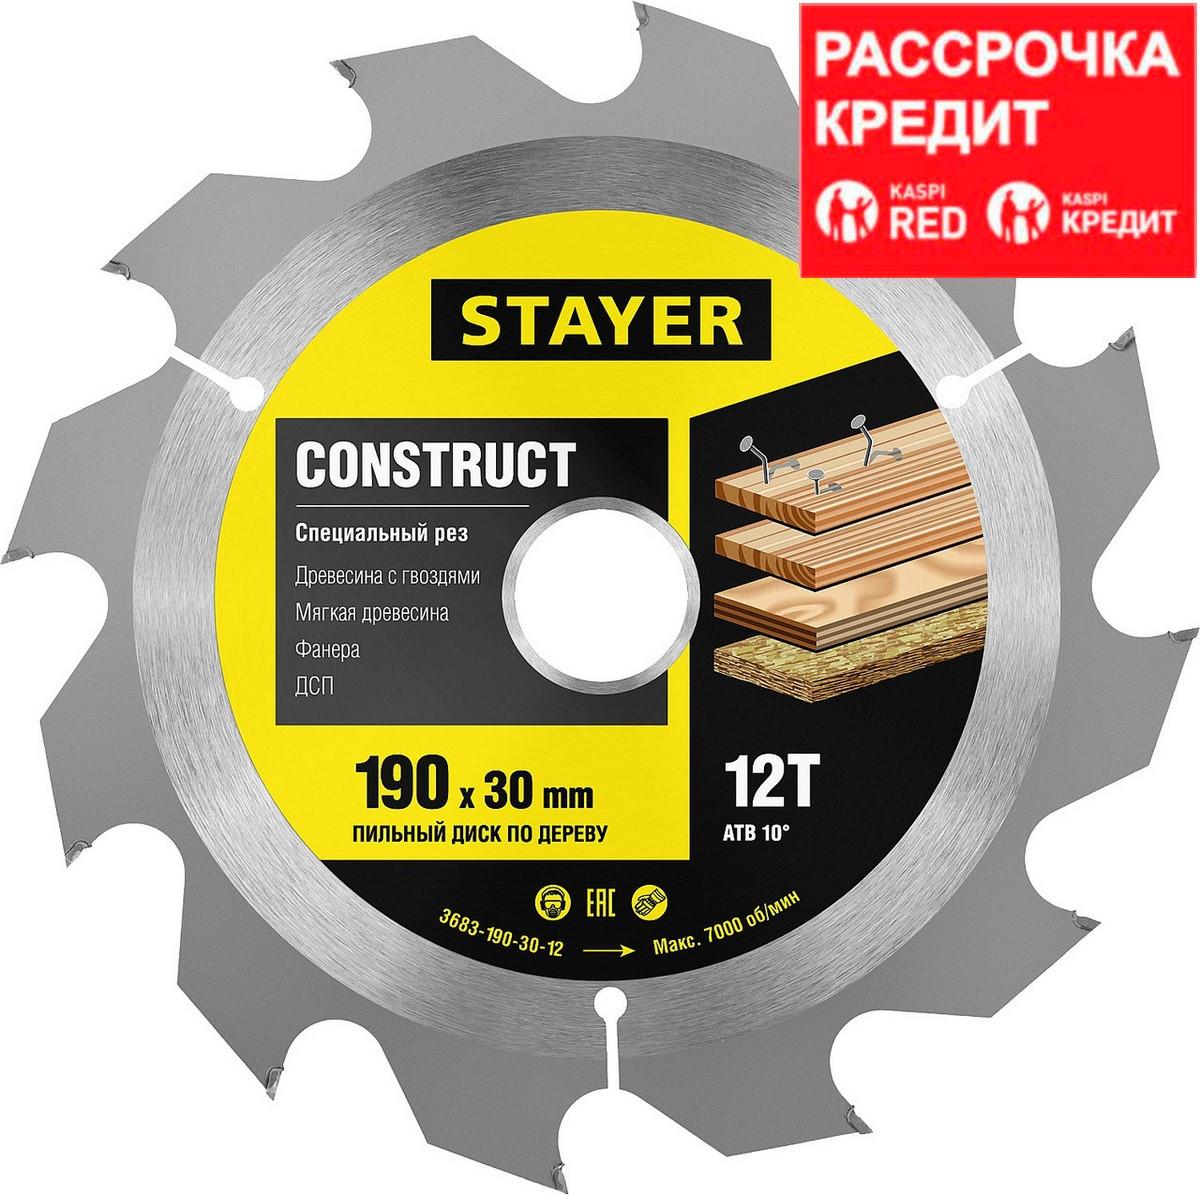 STAYER Construct 190 x 30мм 12Т, диск пильный по дереву, технический рез с гвоздями (3683-190-30-12)